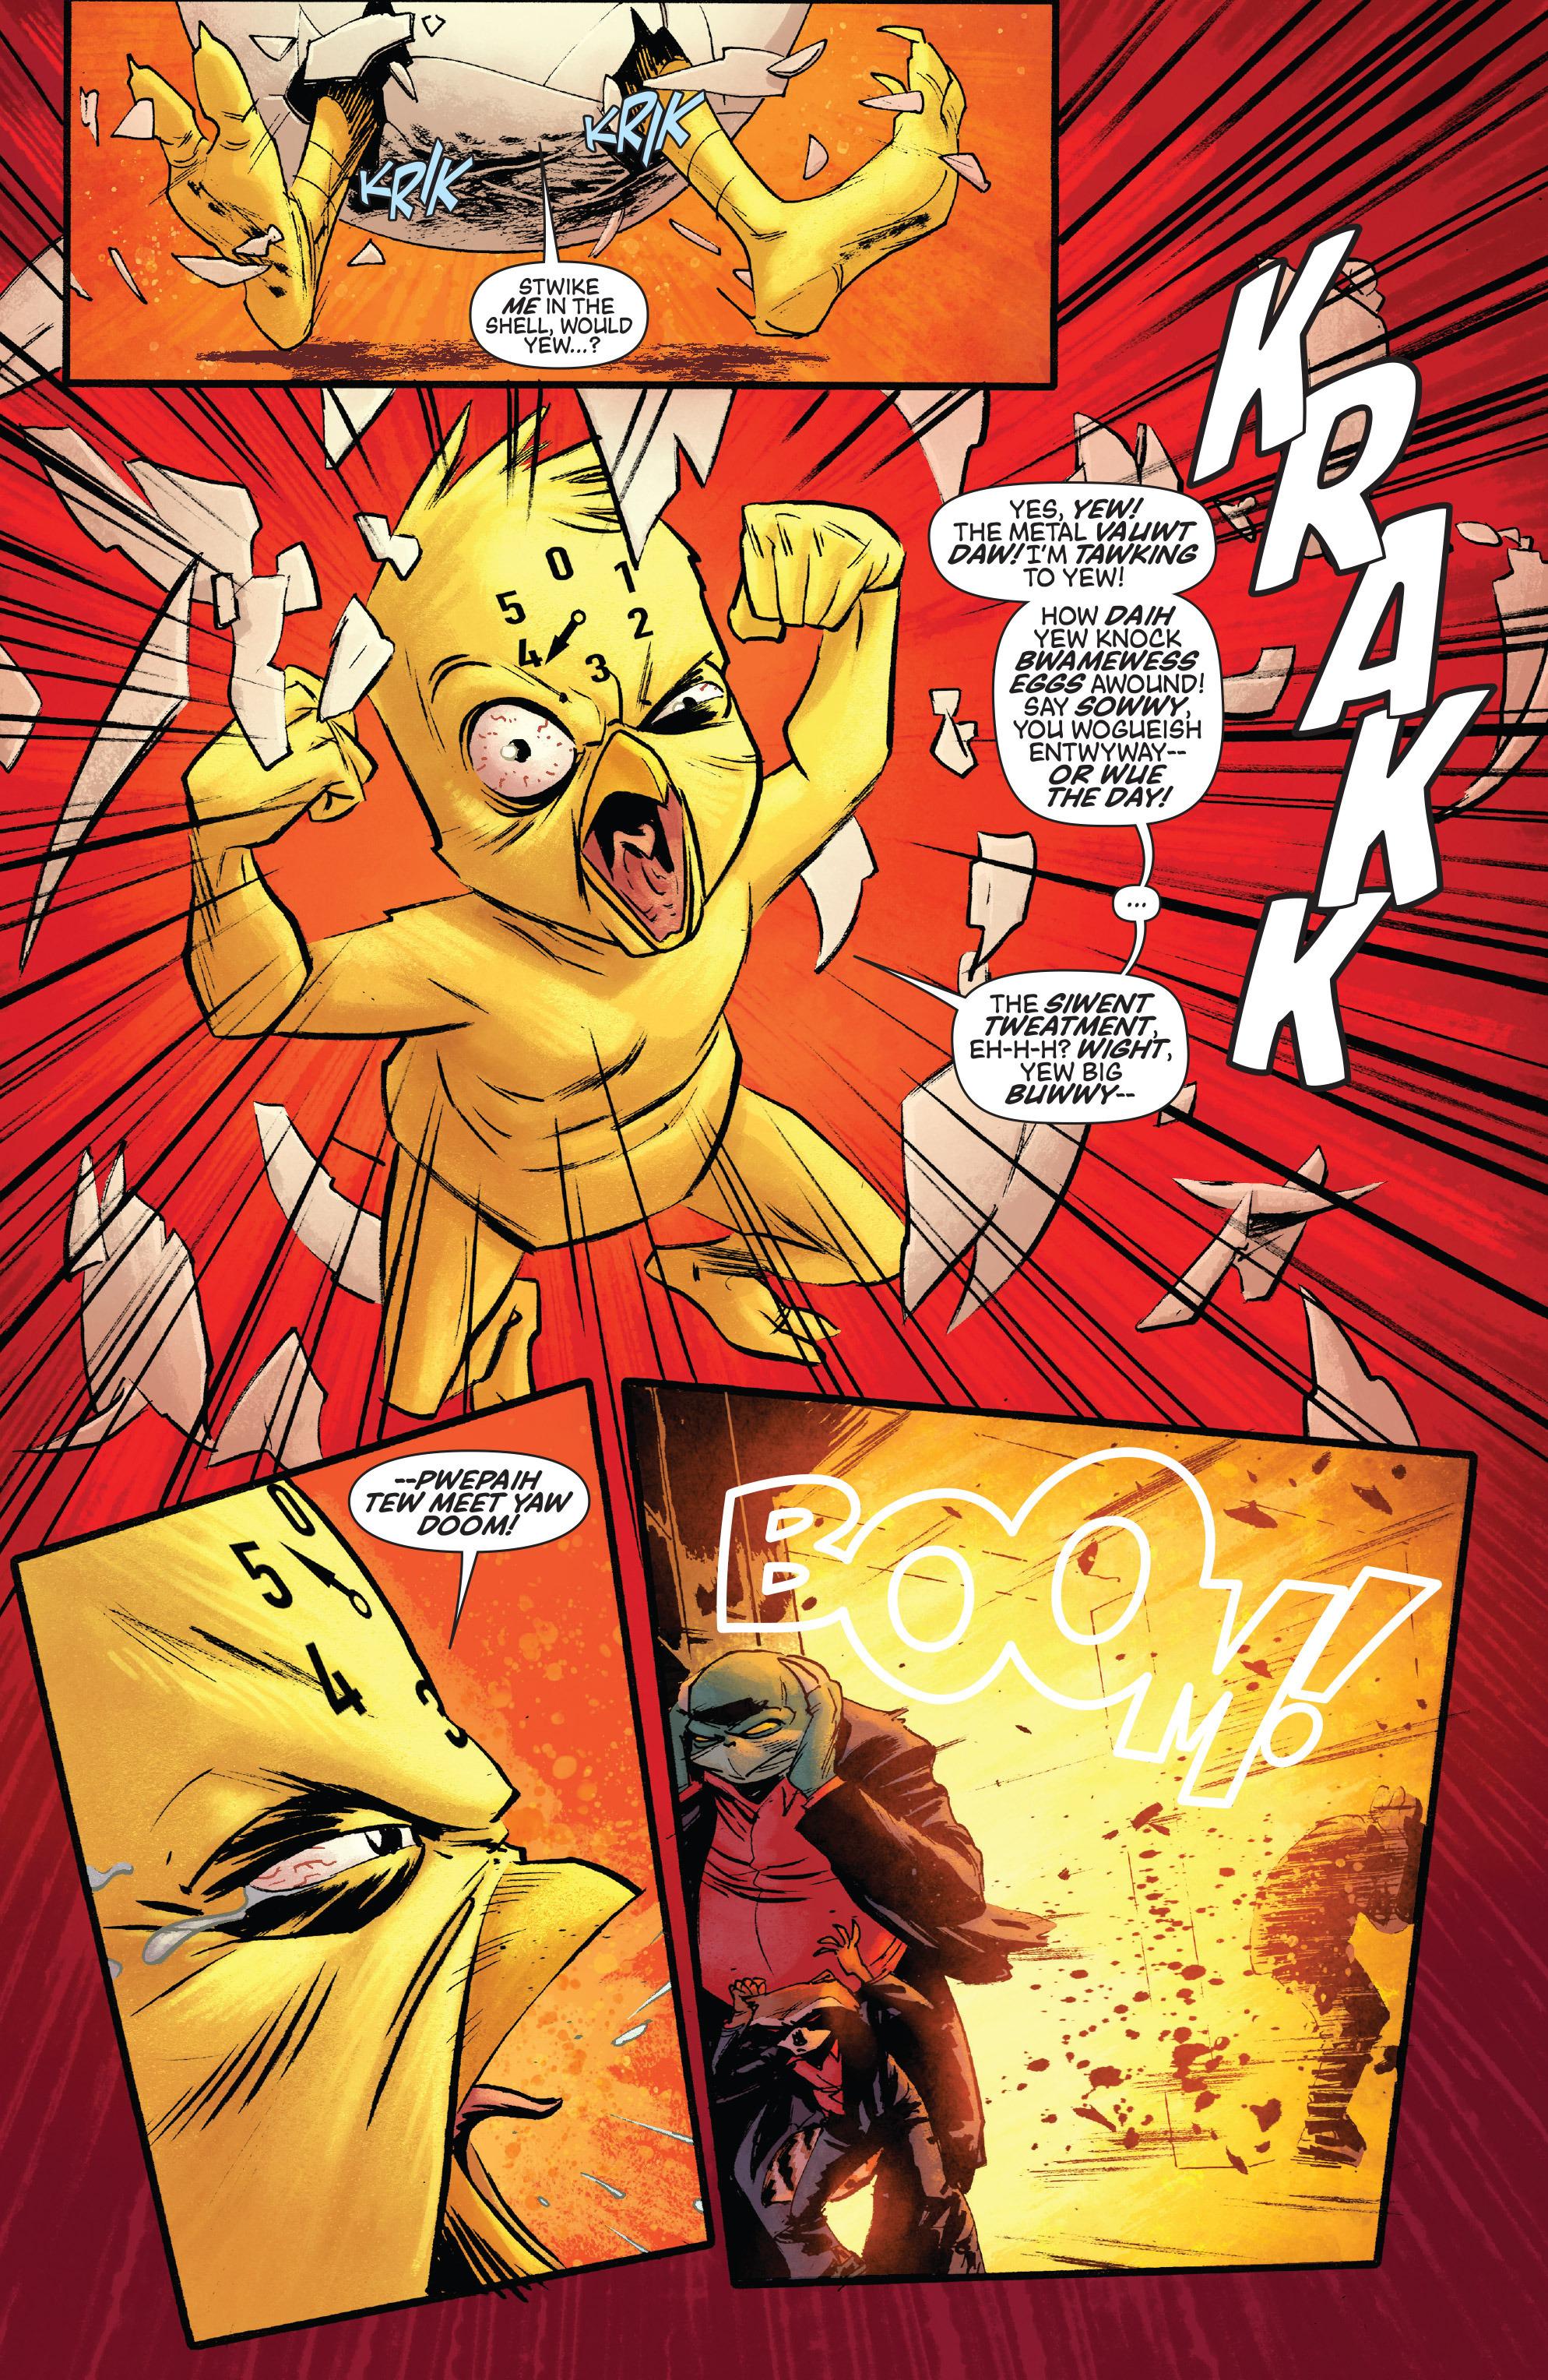 Read online Rocket comic -  Issue #1 - 20